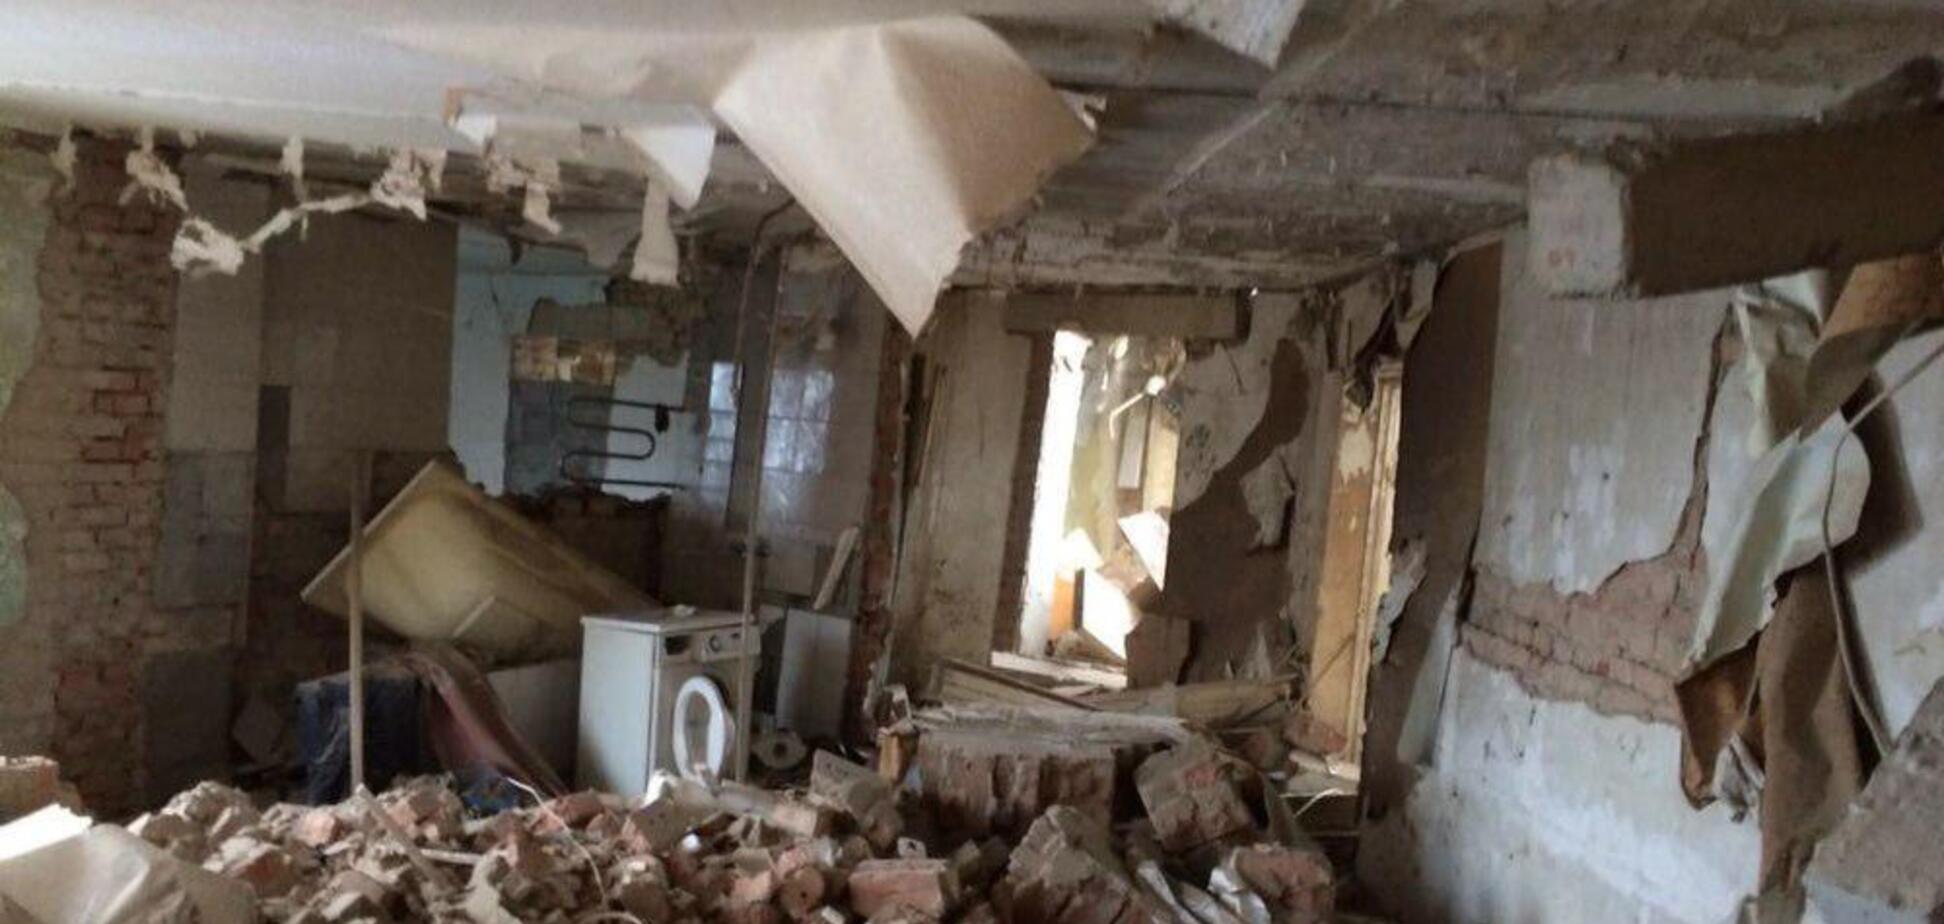 Під Києвом прогримів вибух у житловому будинку: перше відео обвалення